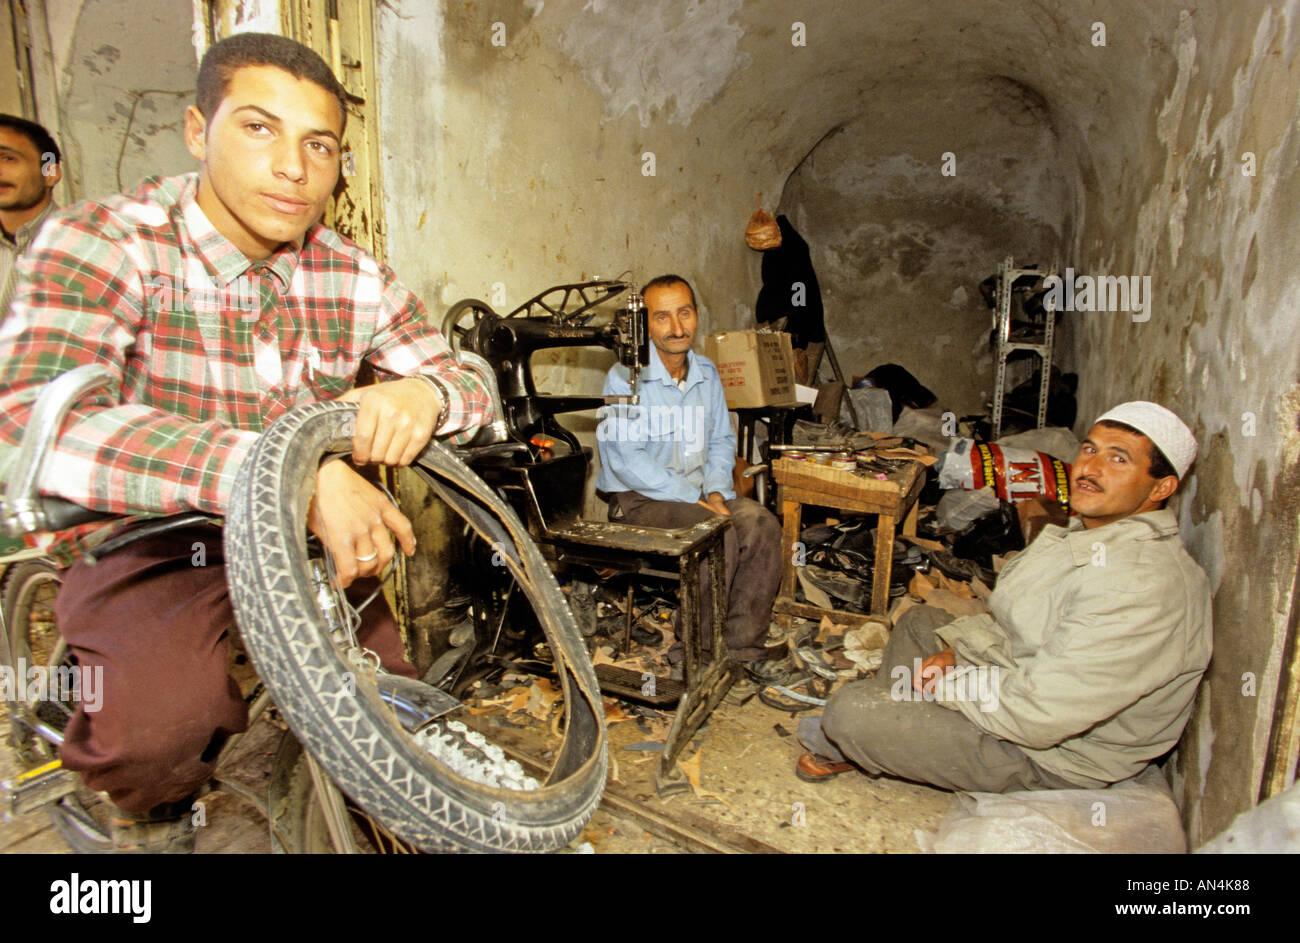 Tyre repairmen in workshop, Hebron, West Bank, Jerusalem Stock Photo